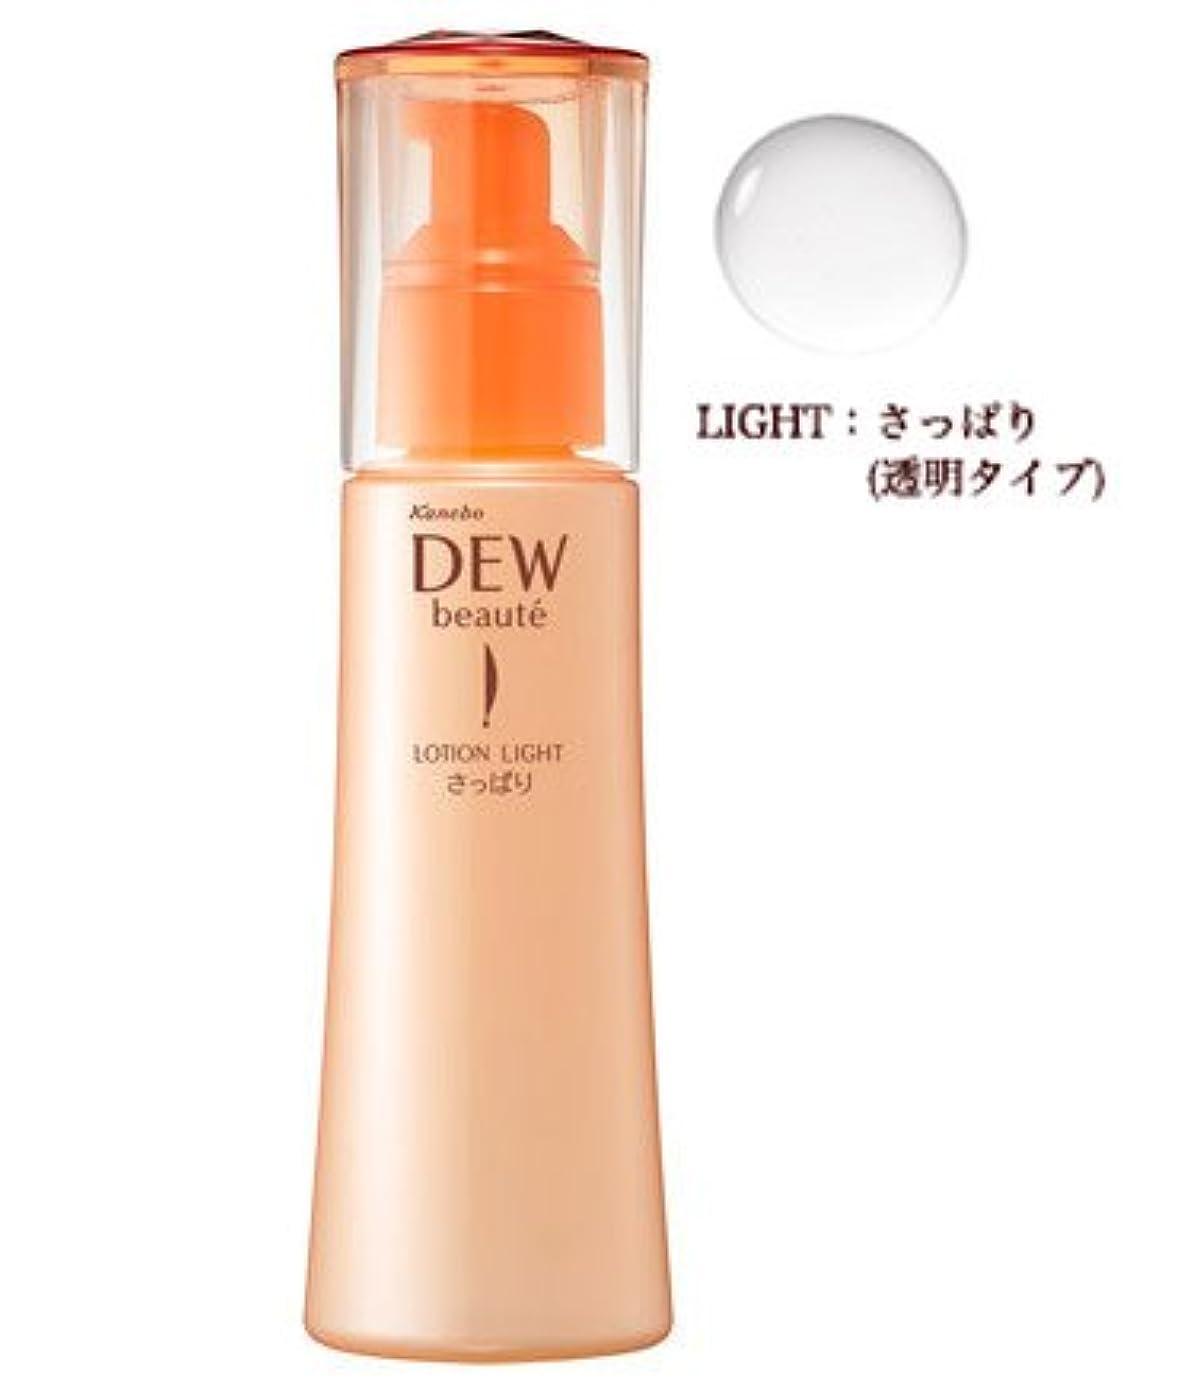 資格不器用アーサーコナンドイル【カネボウ化粧品】DEW ボーテ ローションライト 150ml